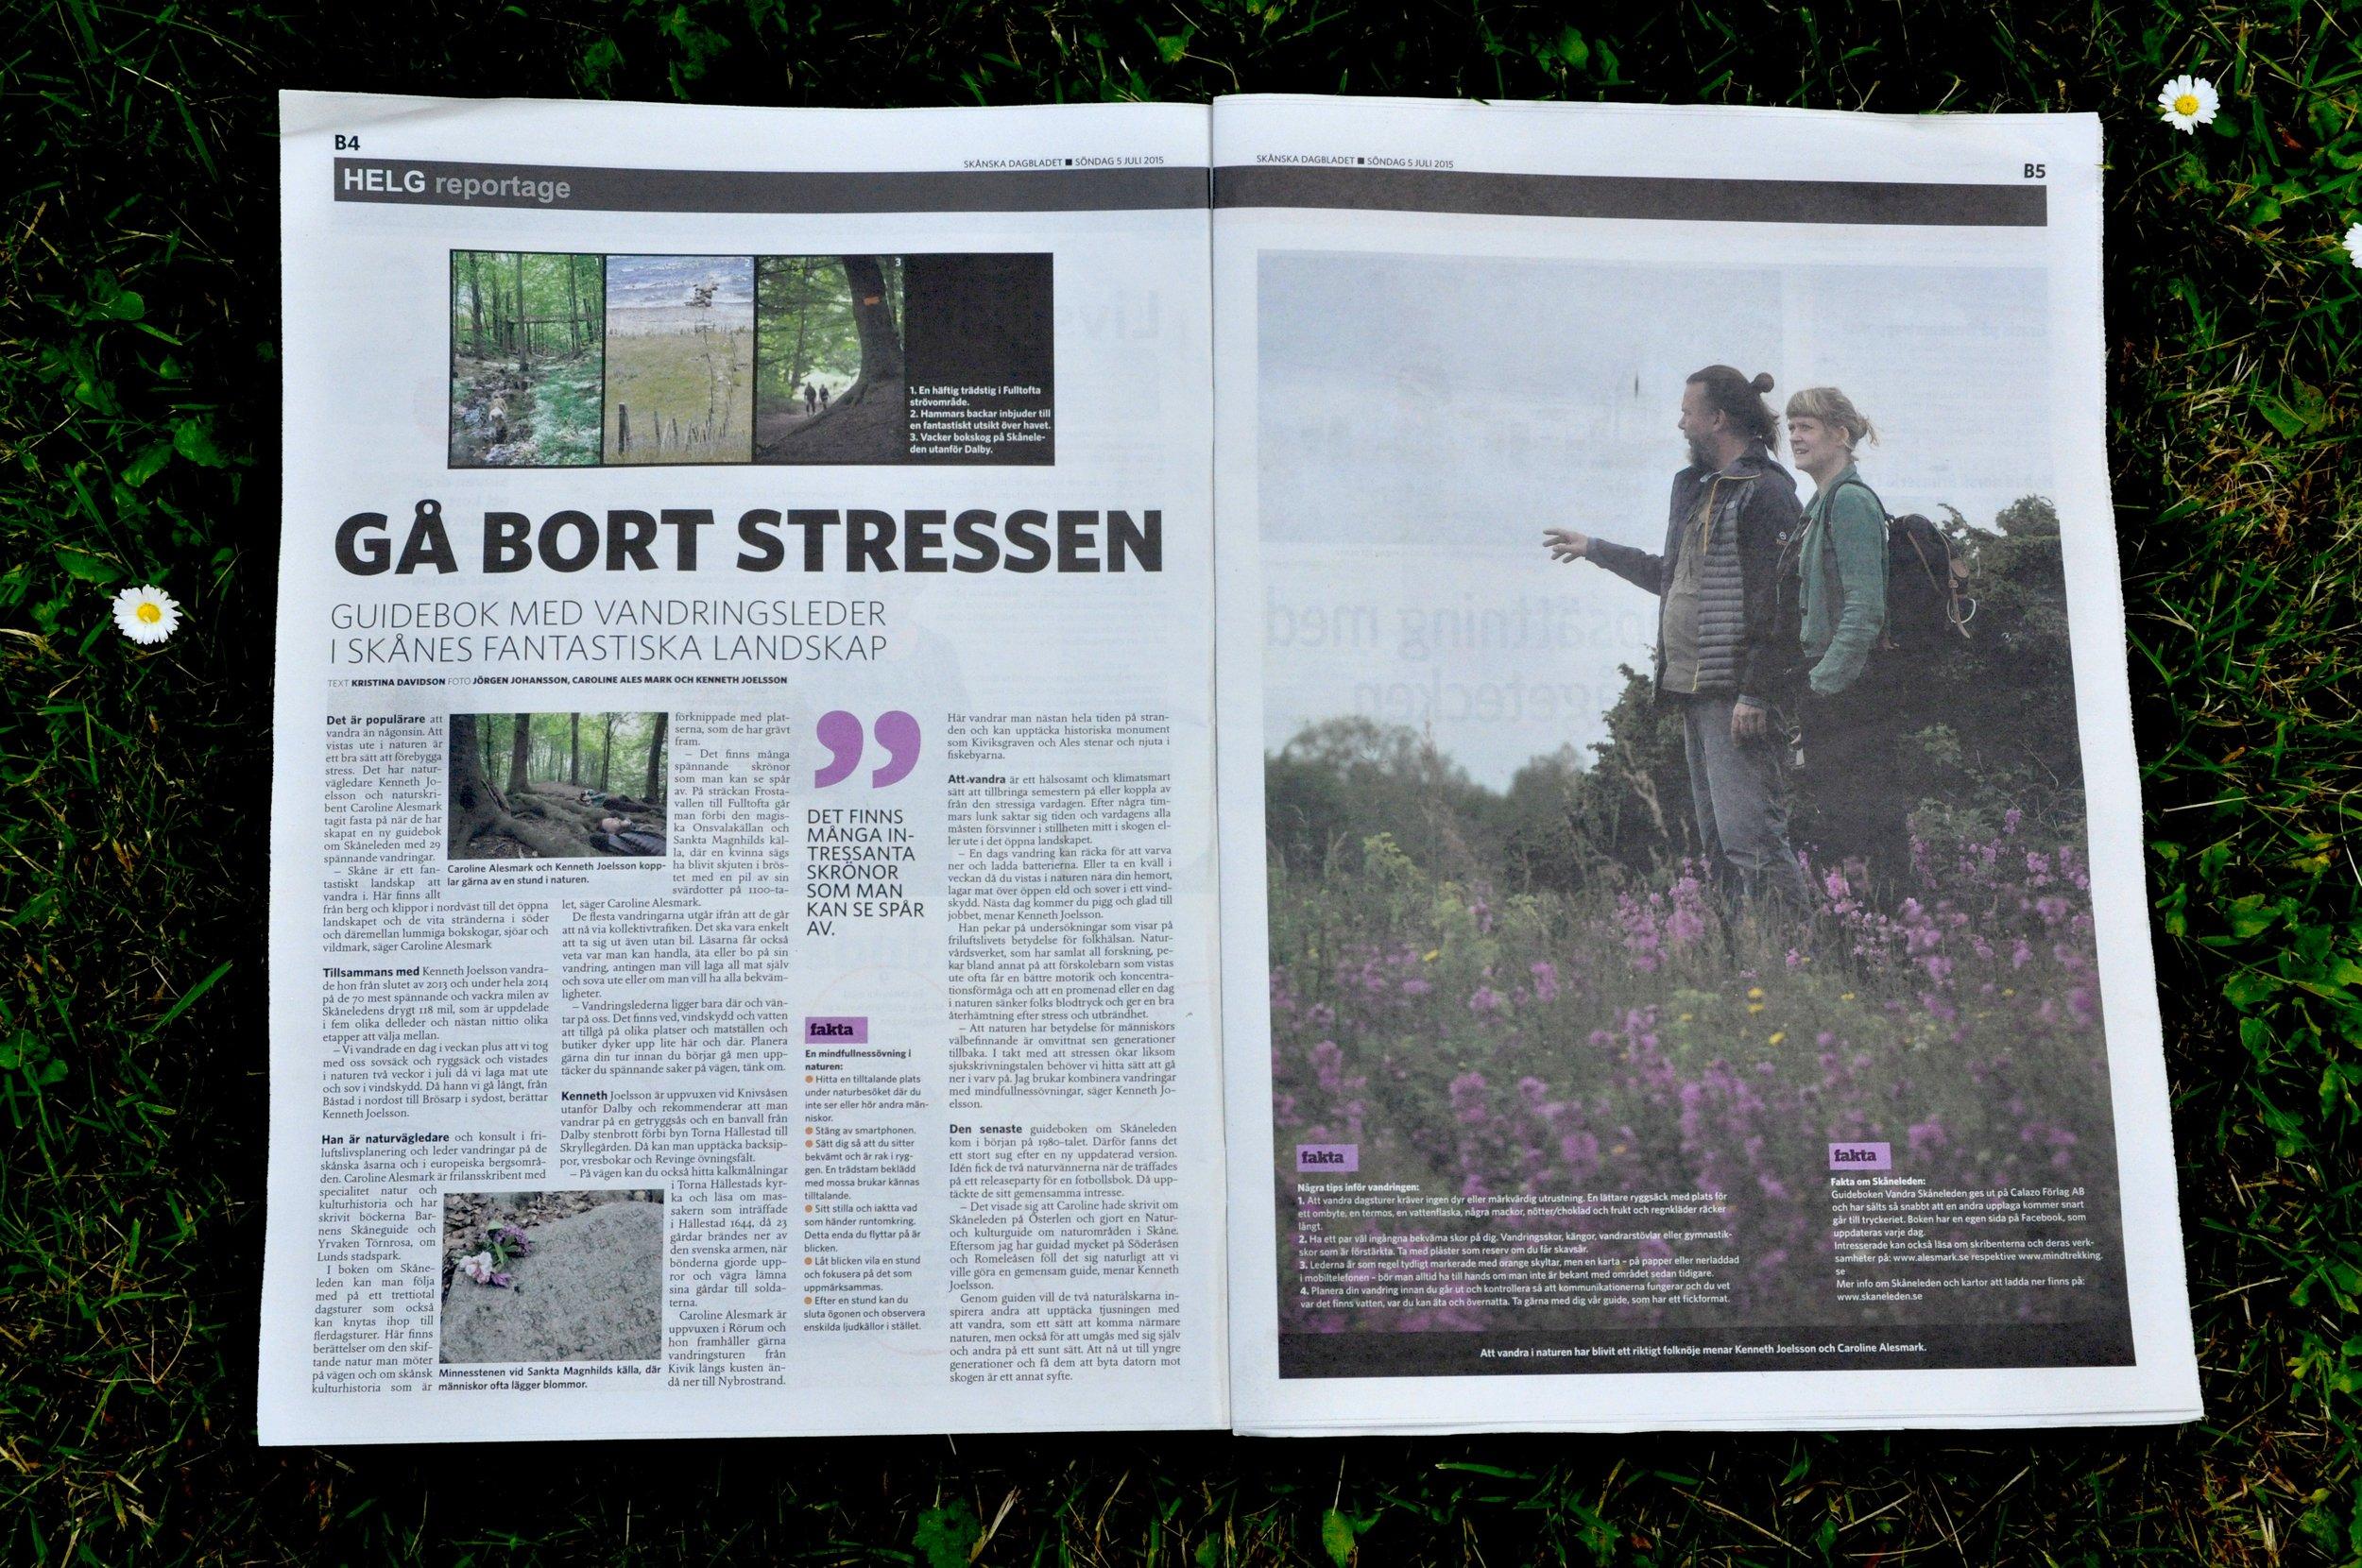 Vandra Skåneleden 2015 Skånska Dagbladet.jpg